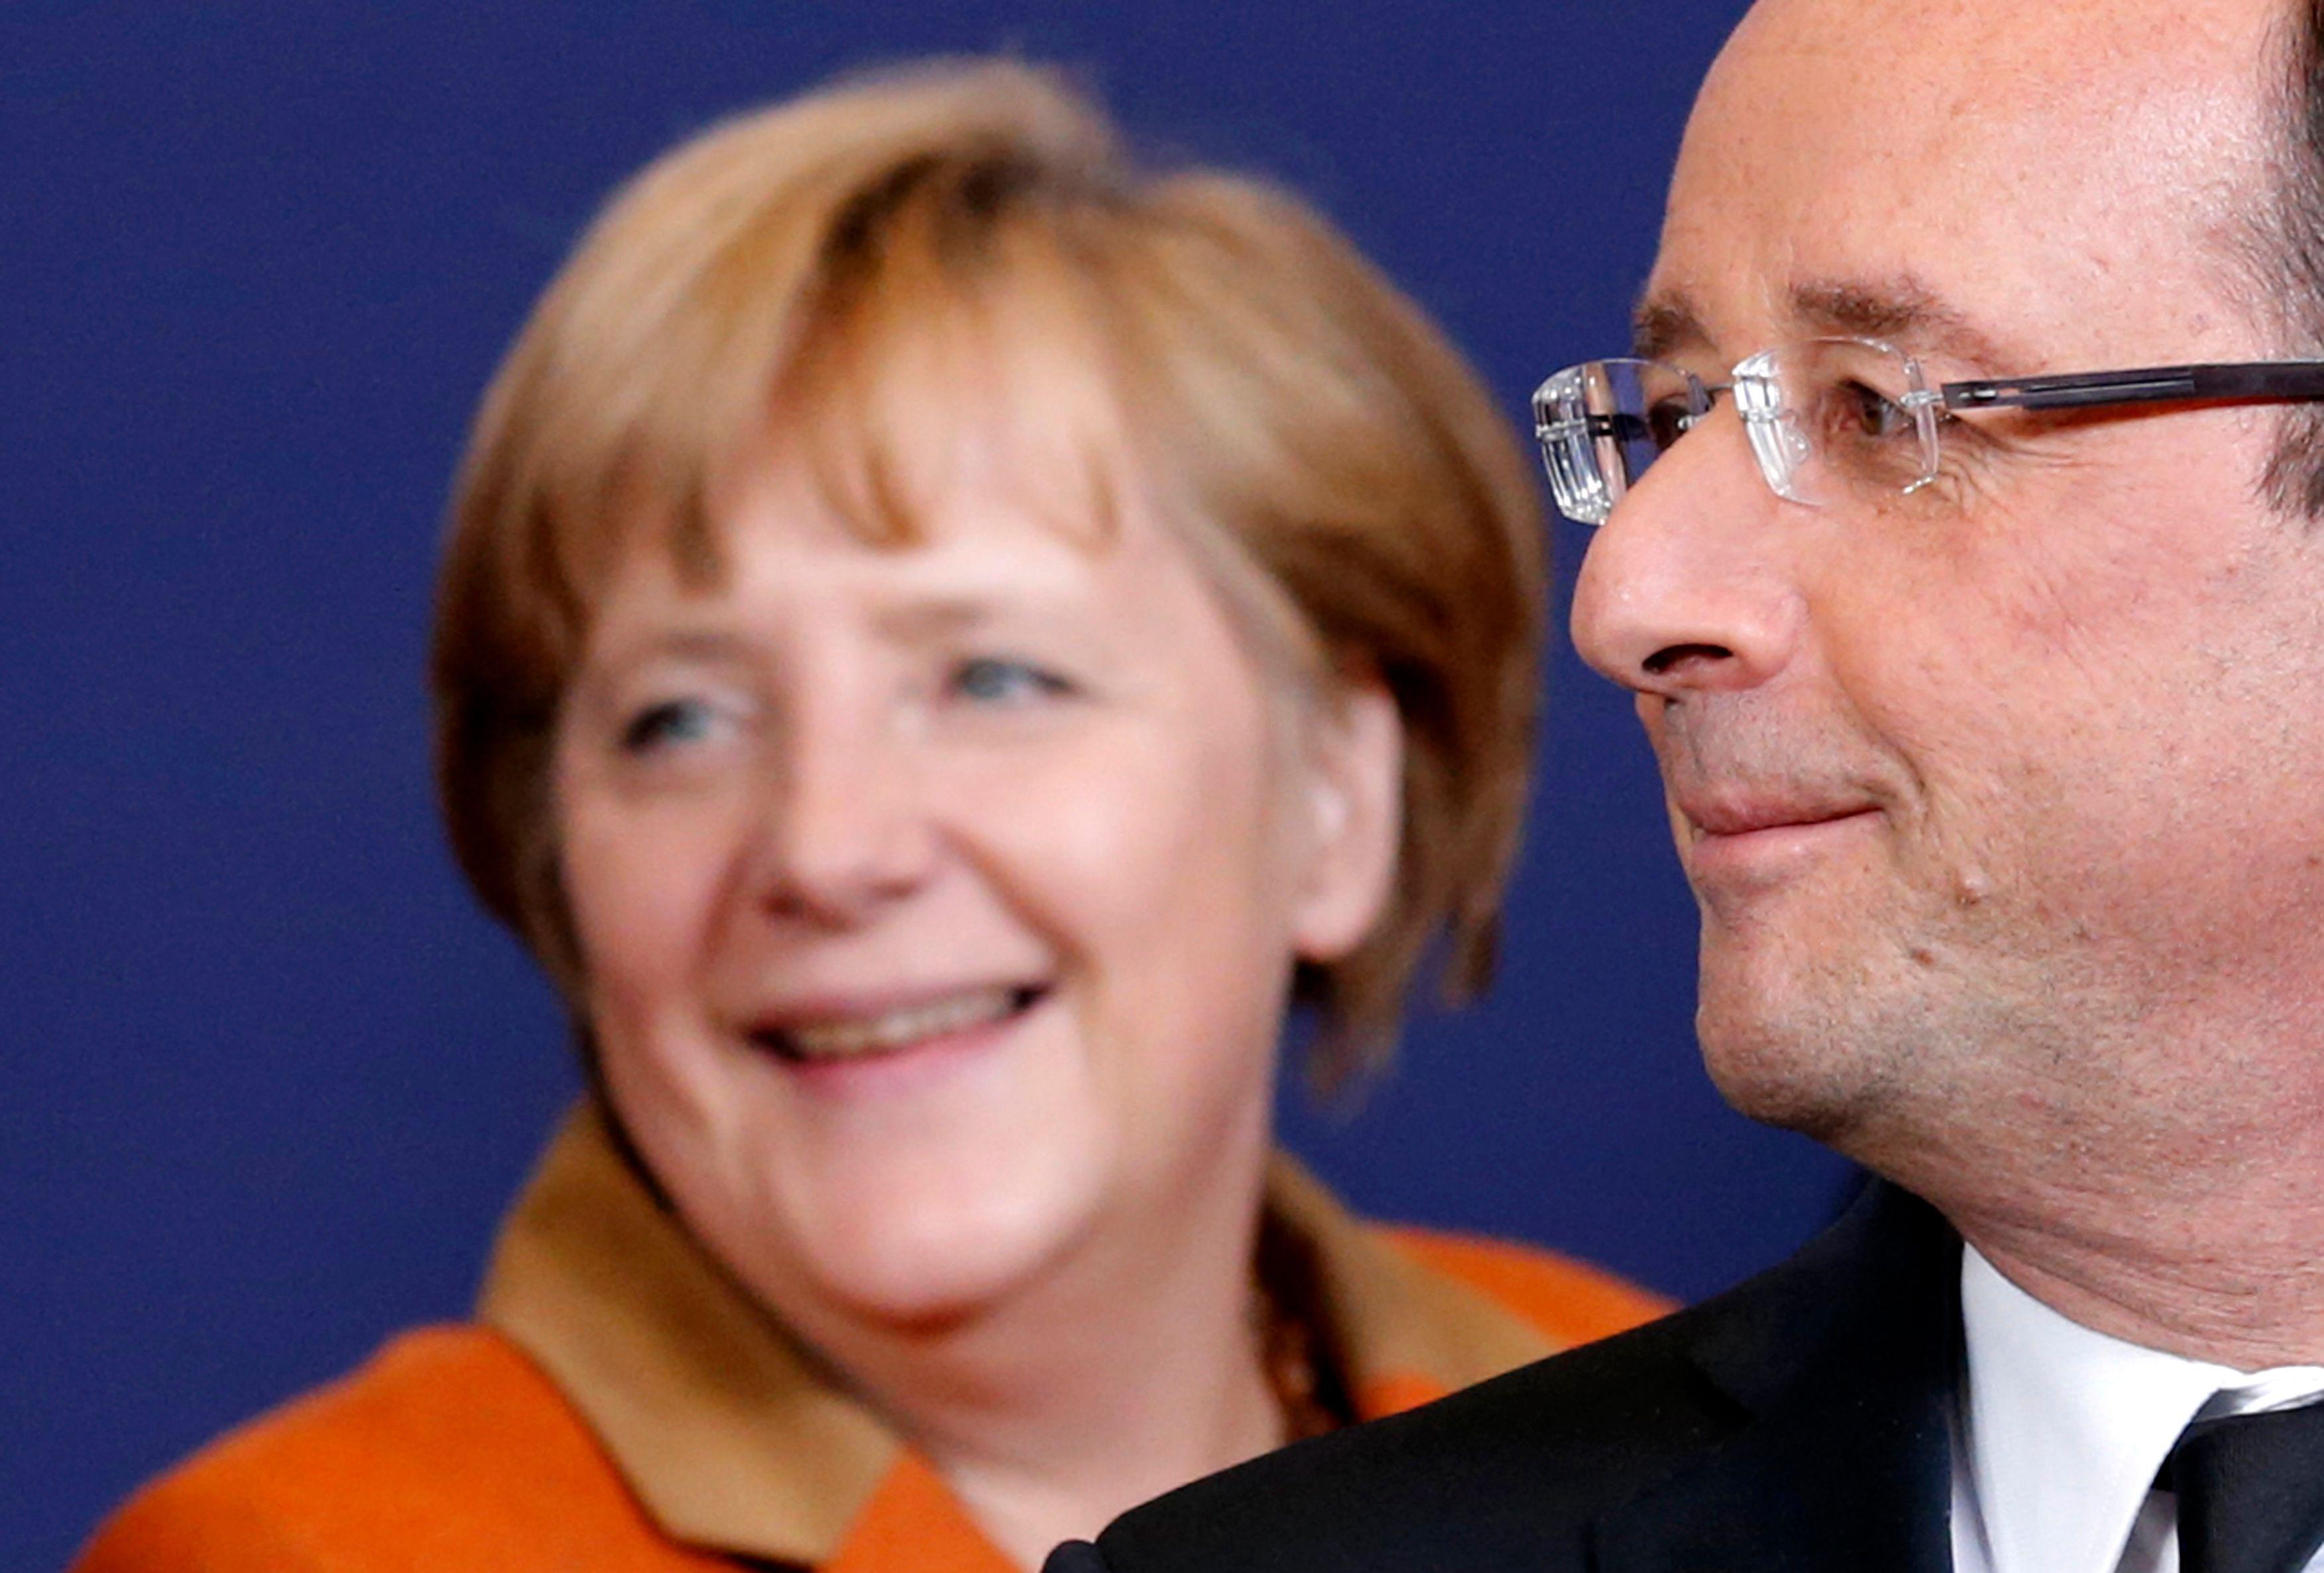 Les élections législatives allemandes auront lieu dimanche.